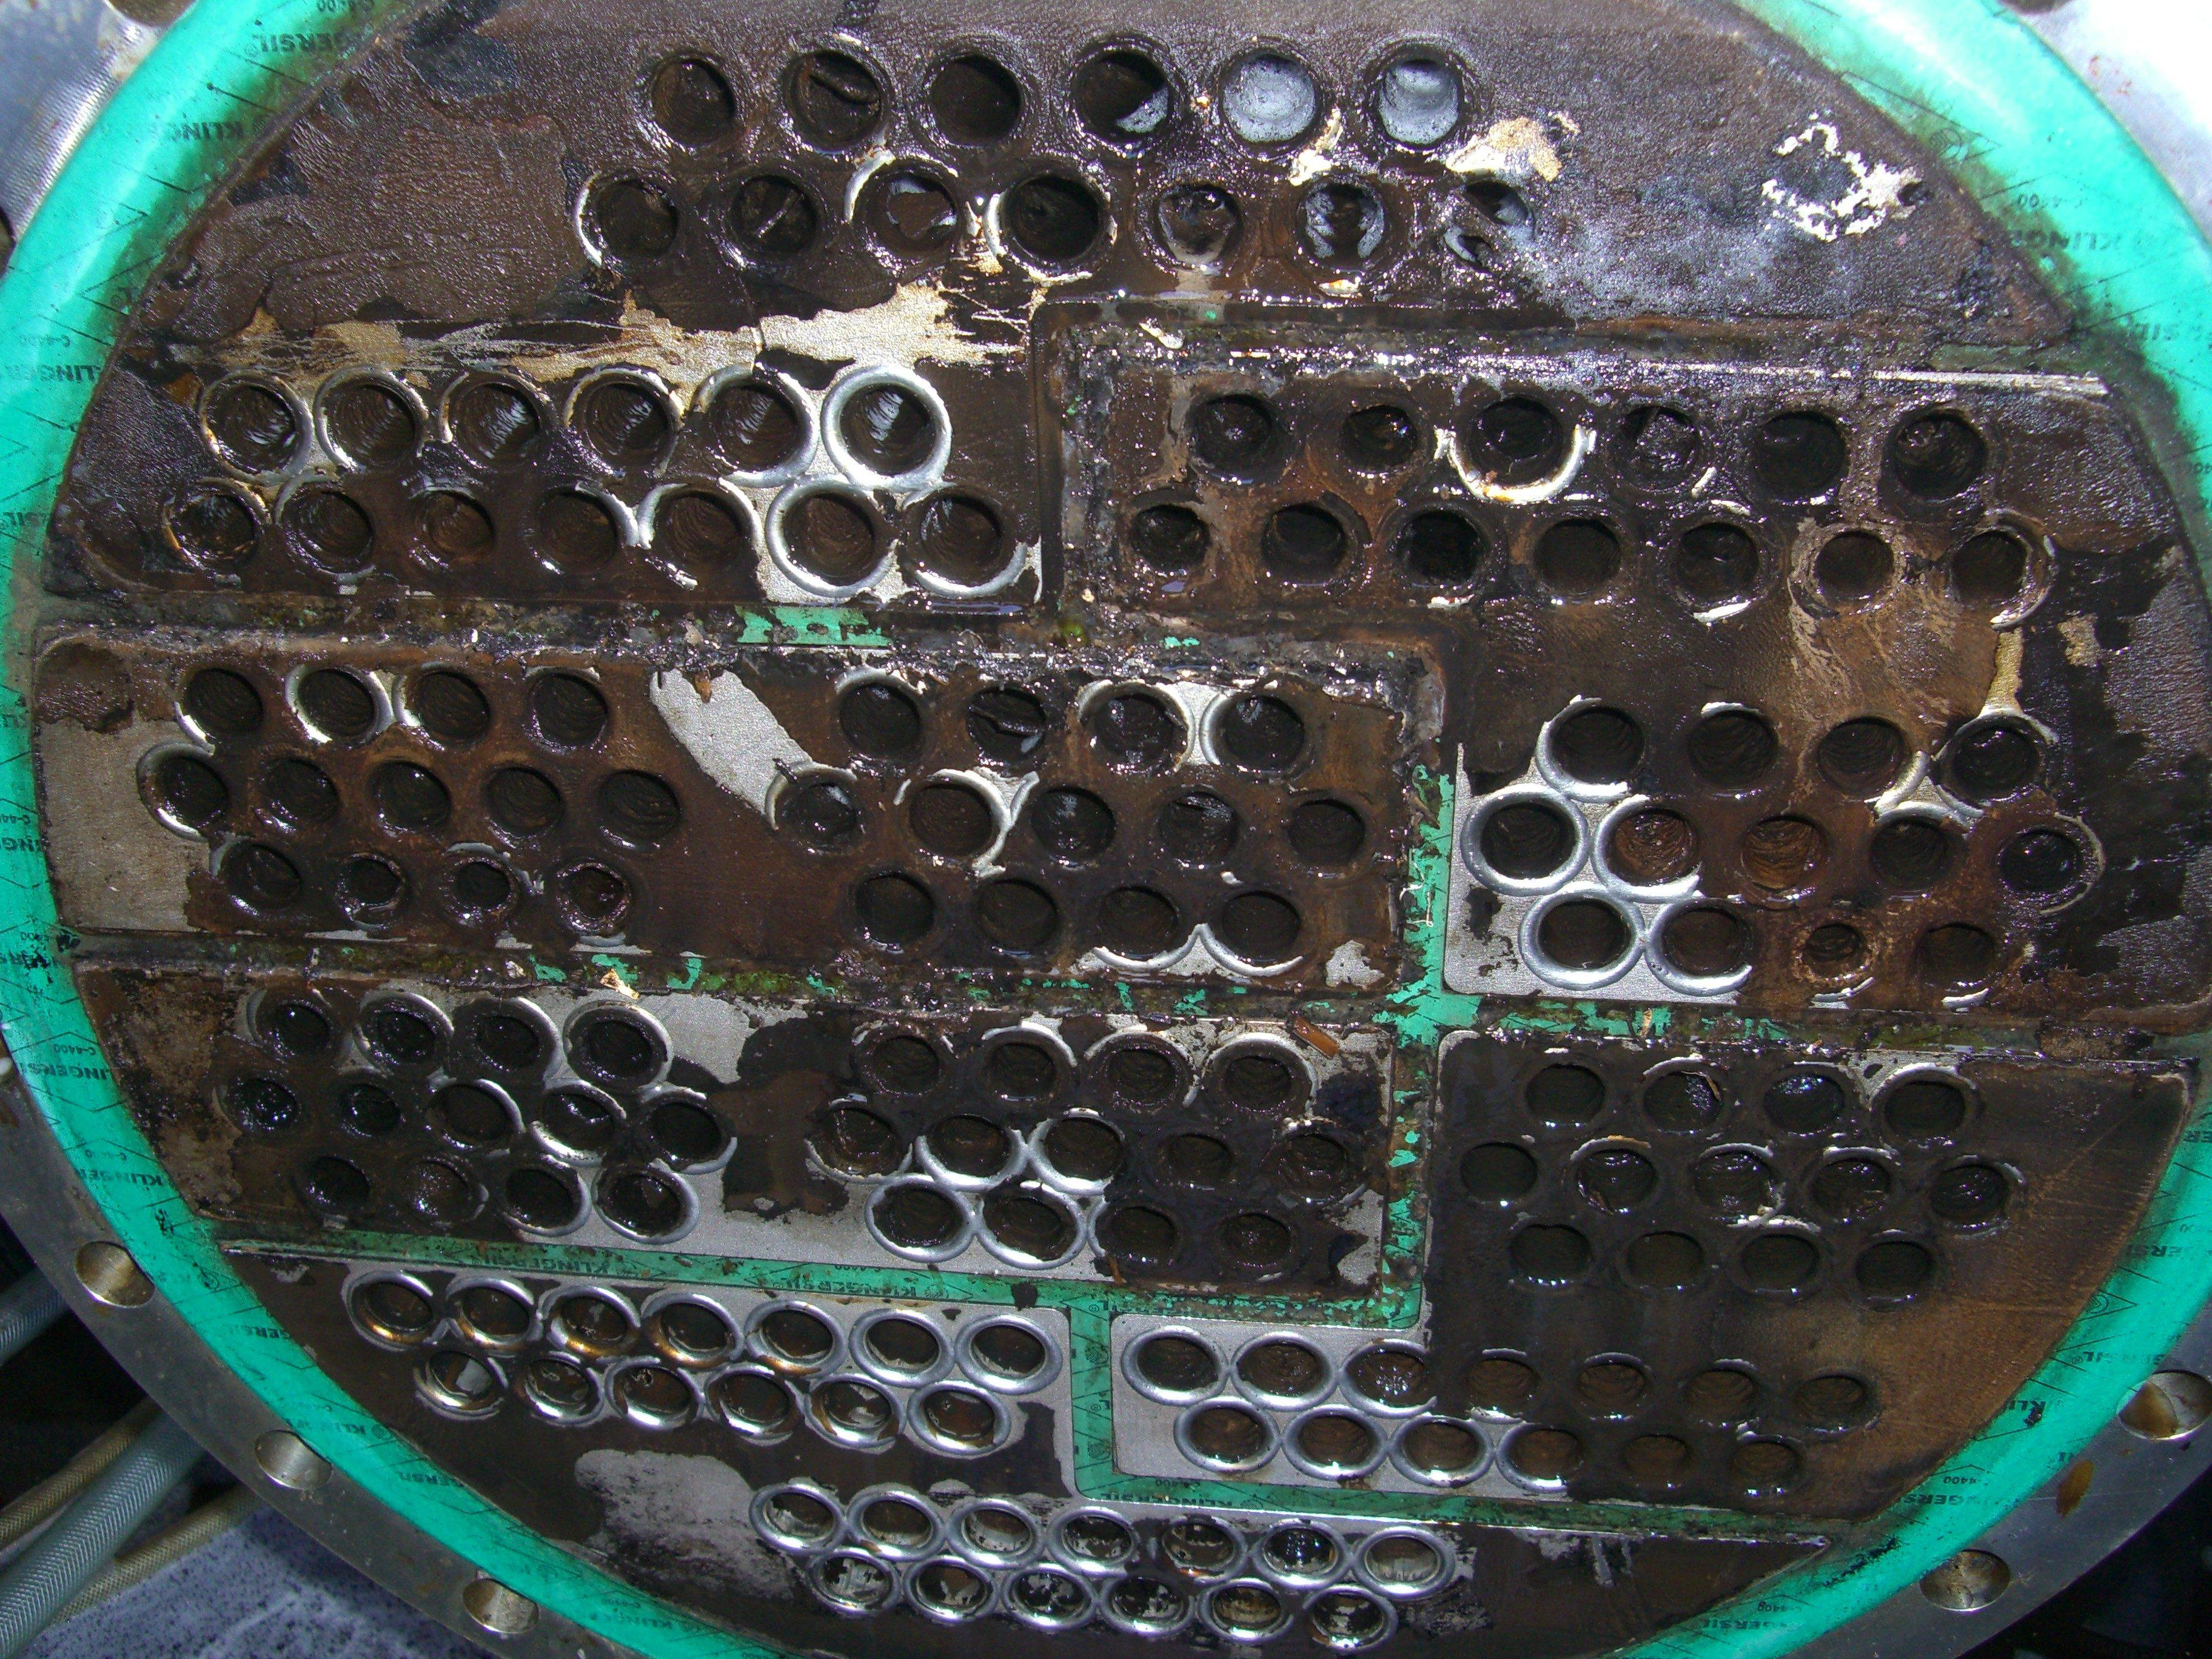 Ablagerungen auf einem Rohrbündelwärmetauscher